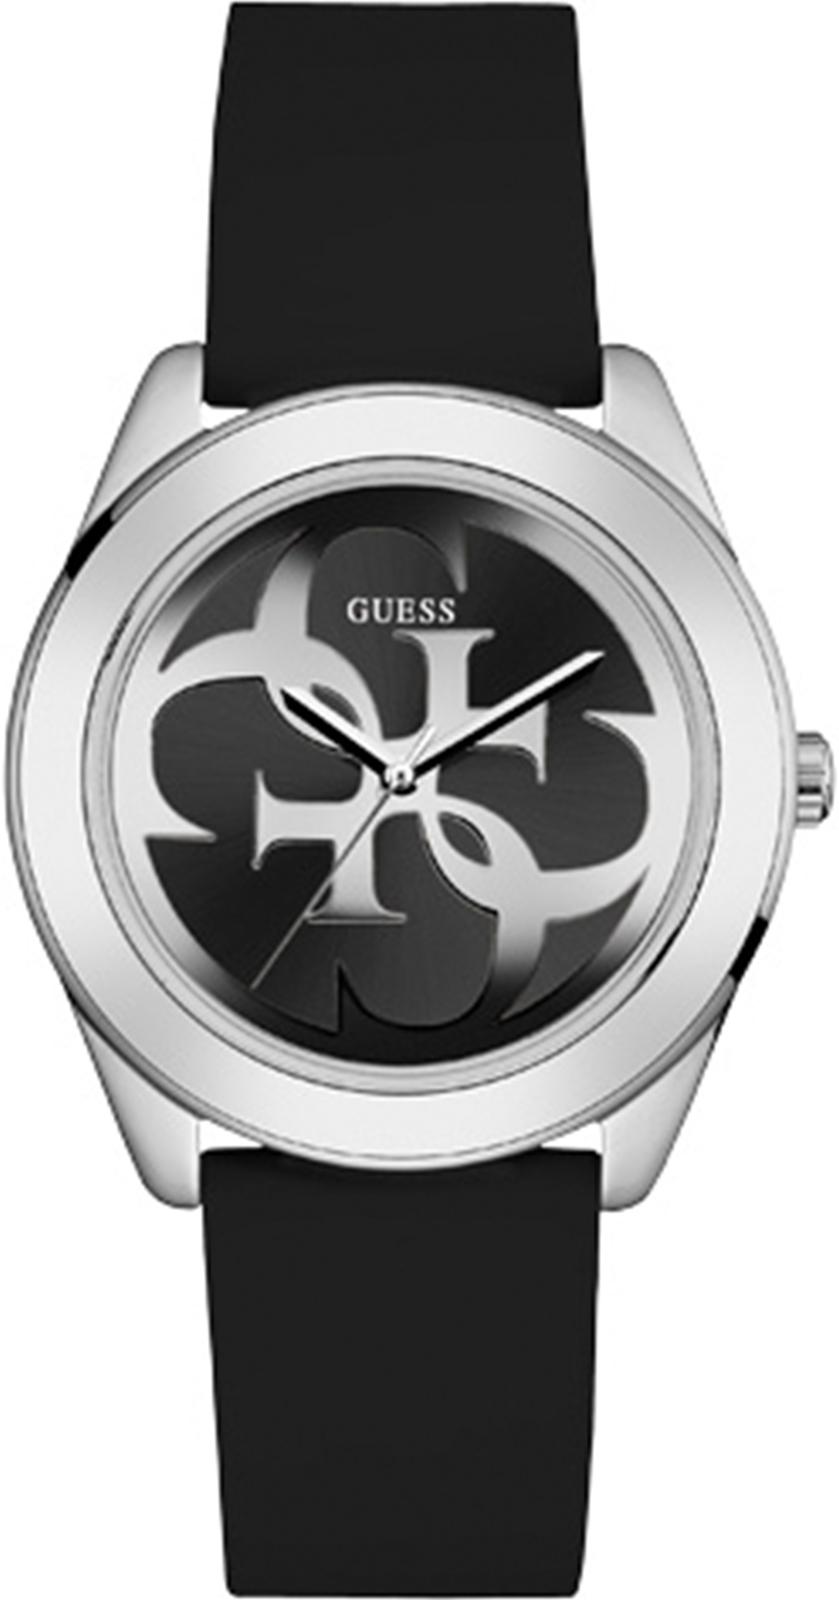 Наручные часы Guess G TWIST наручные часы guess w0658g4